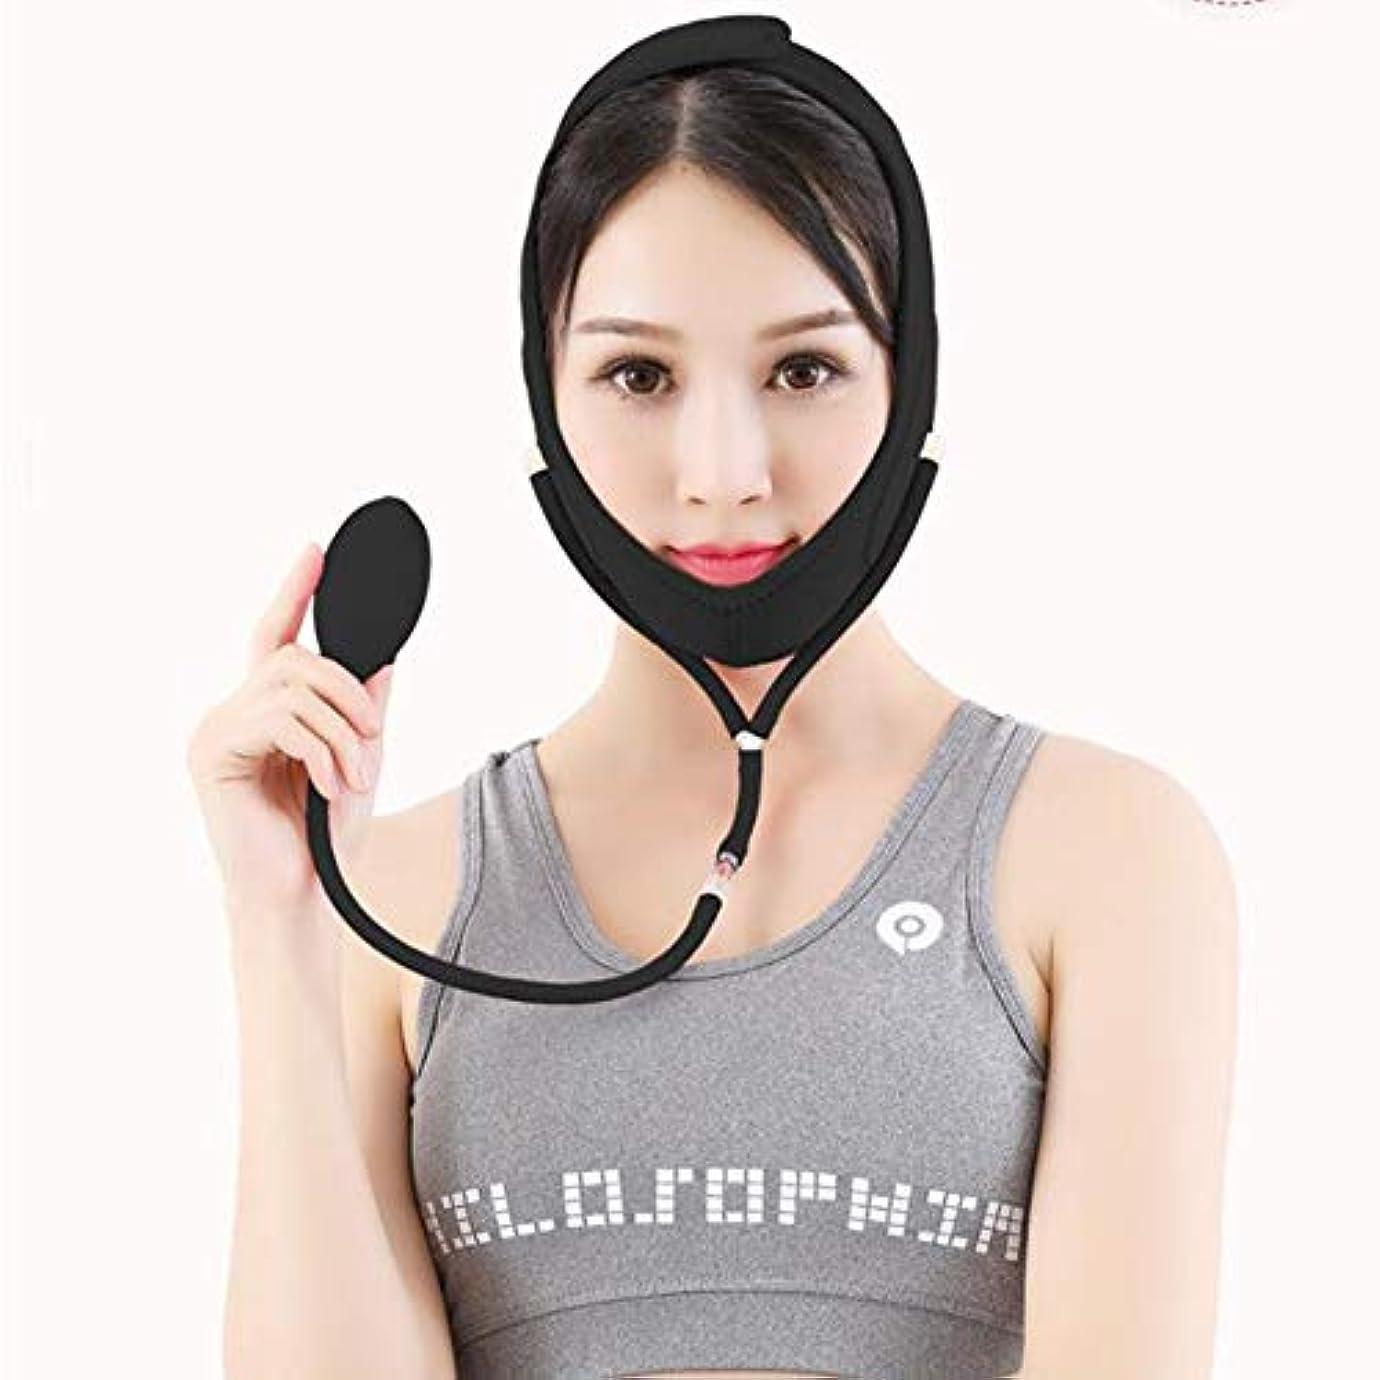 経由で矢印十分BS フェイシャルリフティング痩身ベルトダブルエアバッグ圧力調整フェイス包帯マスク整形マスクが顔を引き締める フェイスリフティングアーティファクト (Color : Black, Size : M)